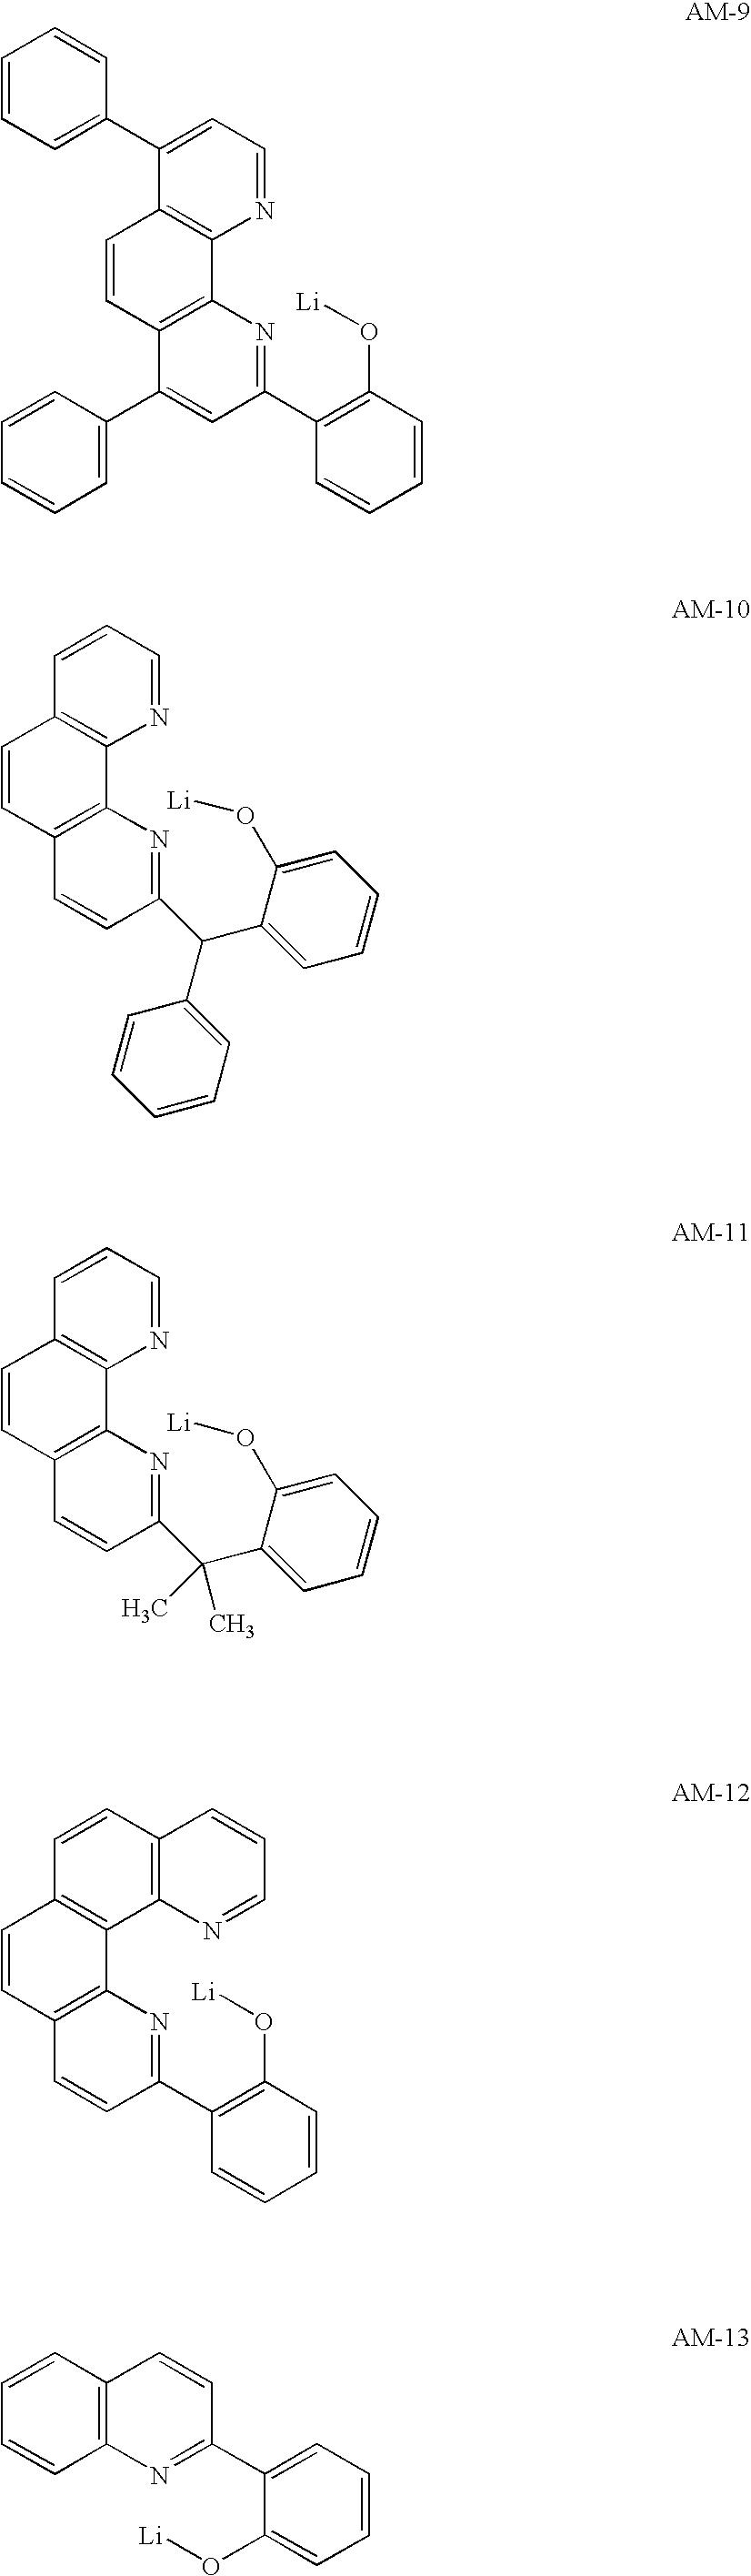 Figure US20100244677A1-20100930-C00013